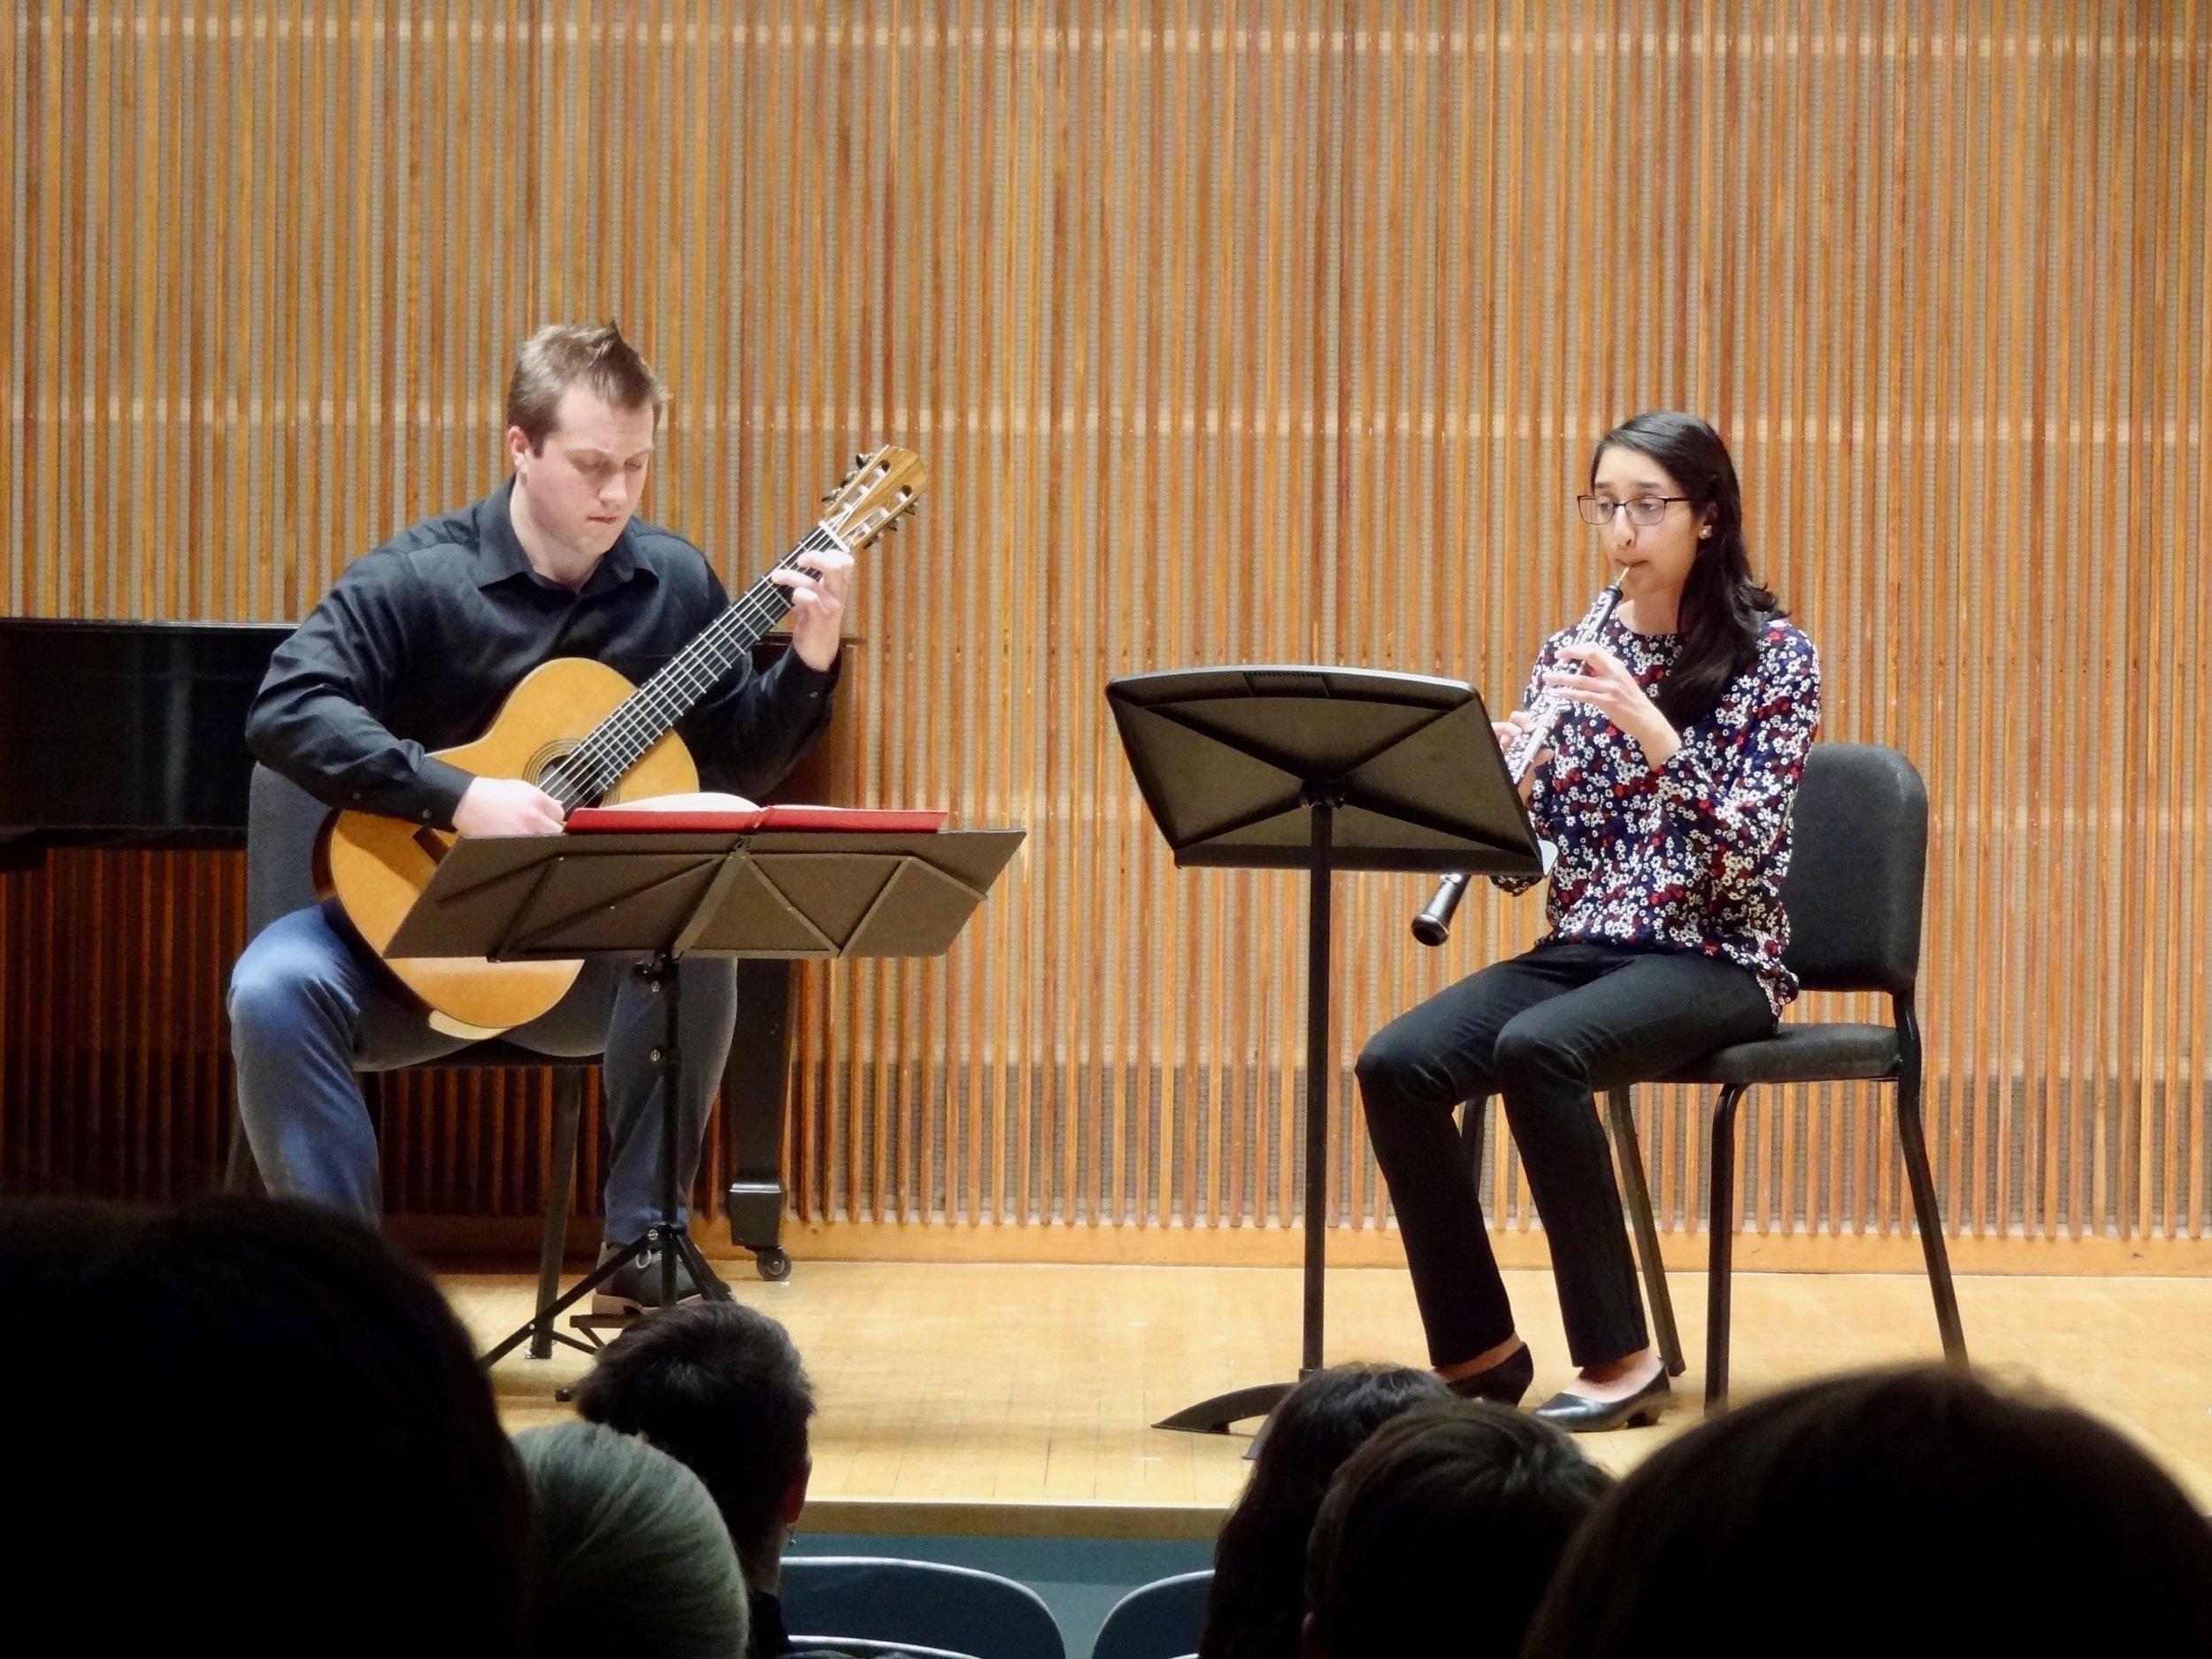 Stephen Fazio and oboist Tanavi Prabhu